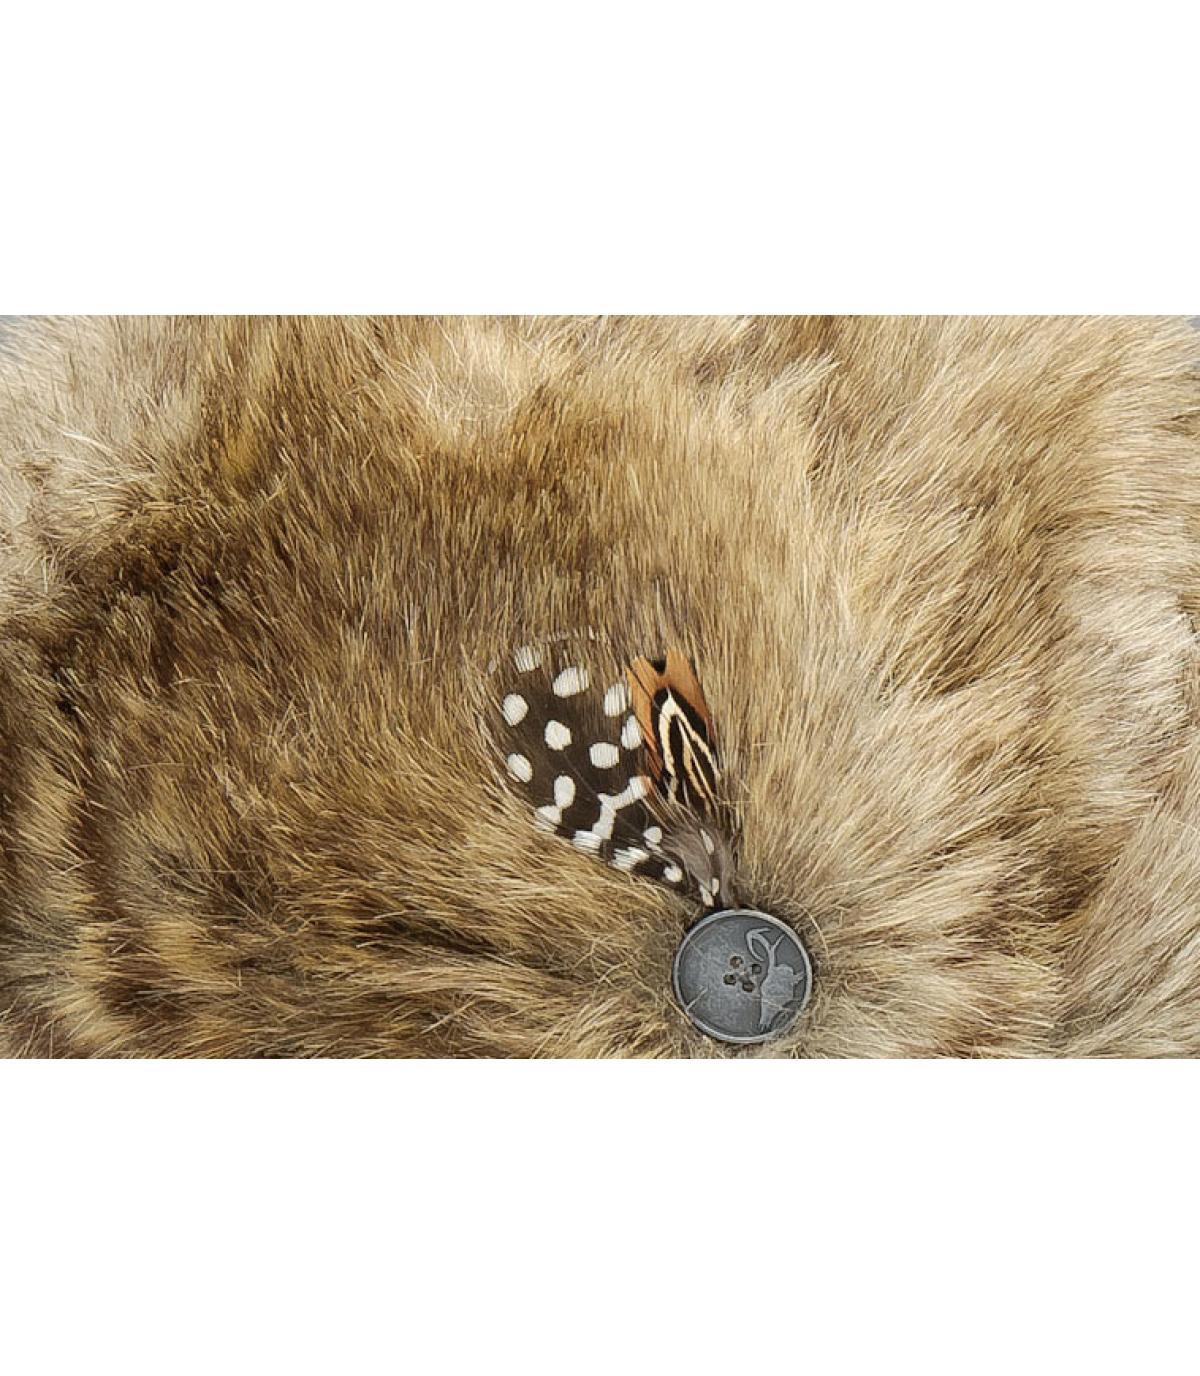 cb03de07446d0 Toque bonnet fourrure - Sue Sue natural Nobis - image 1 ...